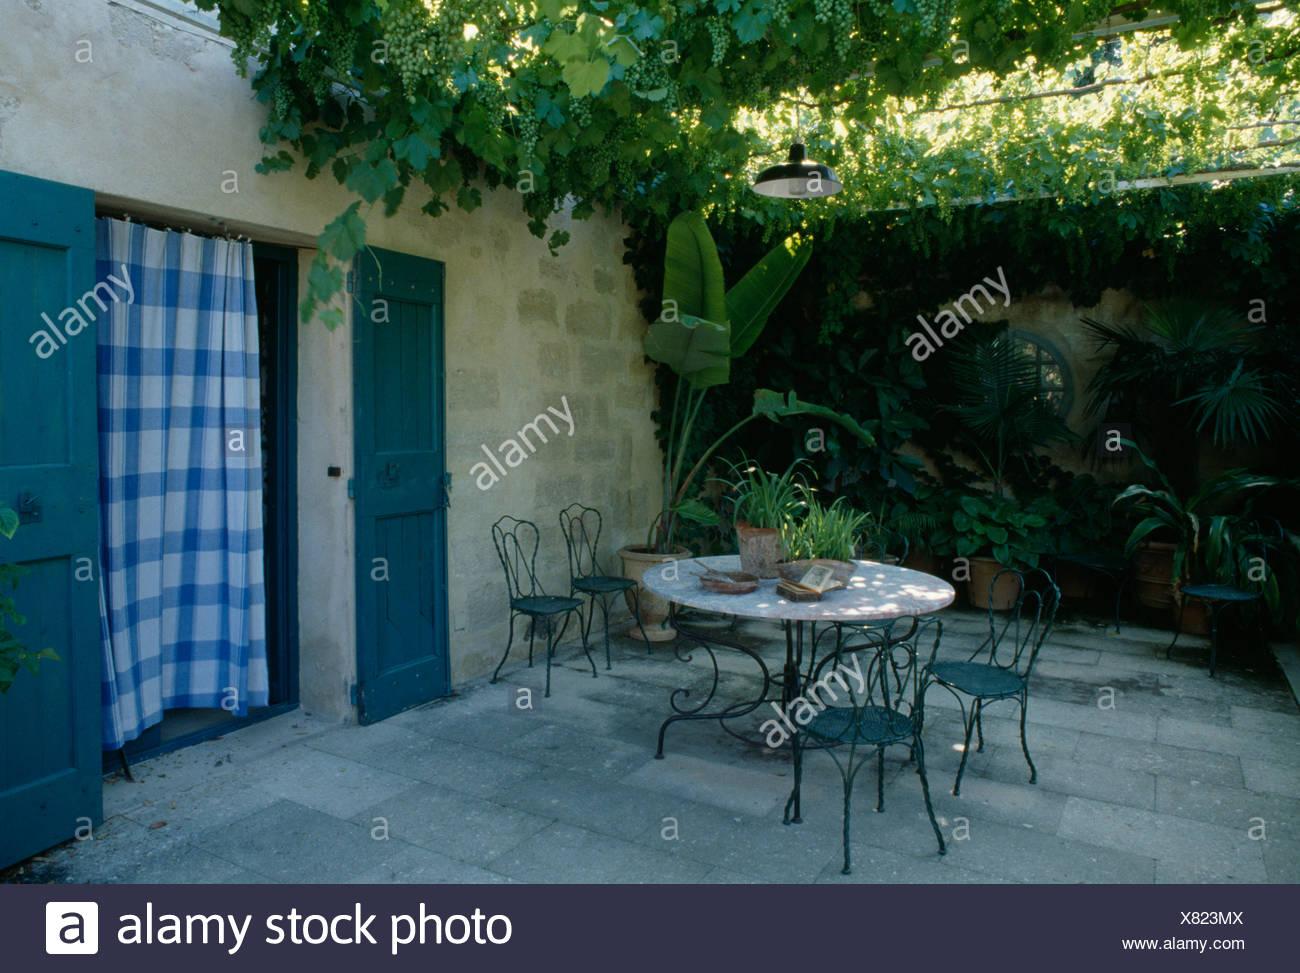 Grapevine Doorway Stockfotos & Grapevine Doorway Bilder - Alamy